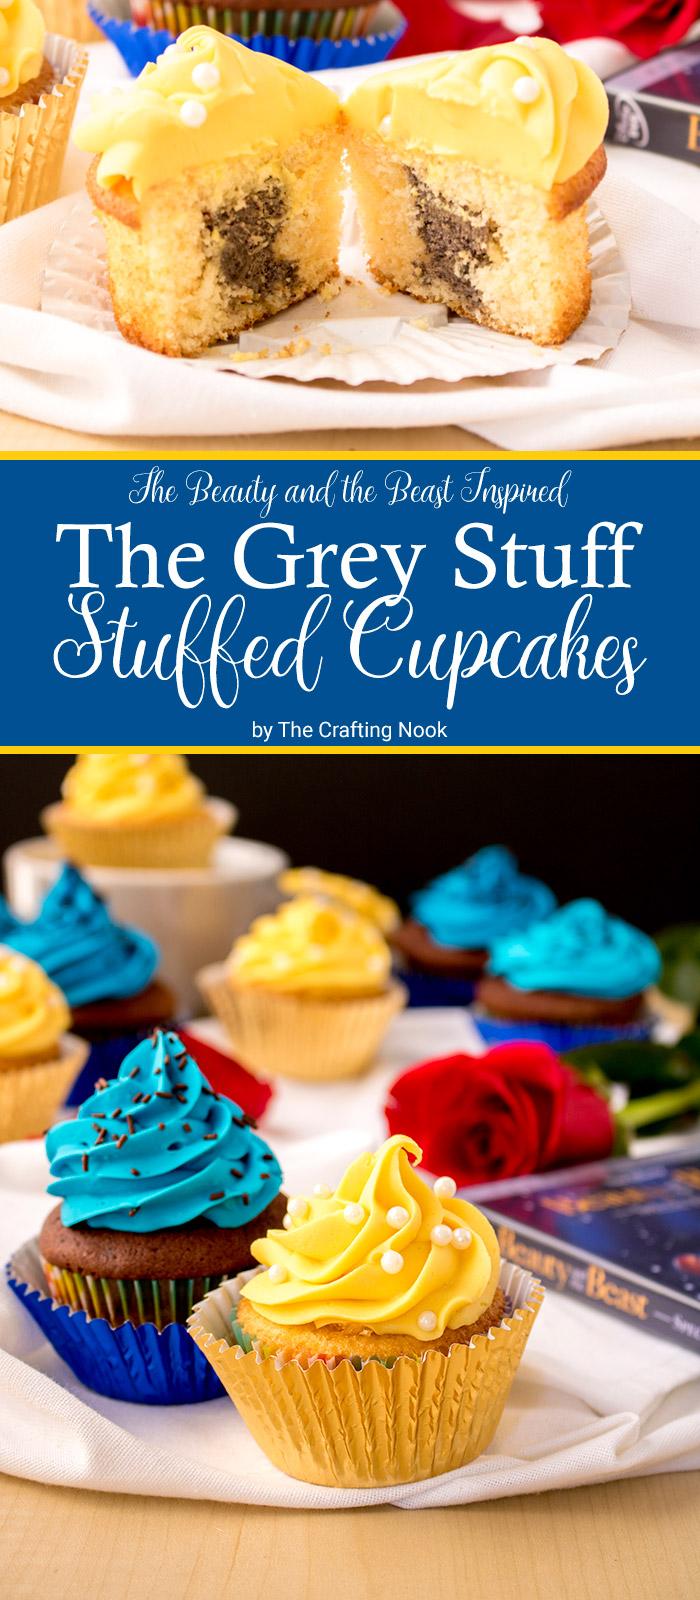 The Grey Stuff Stuffed Cupcakes